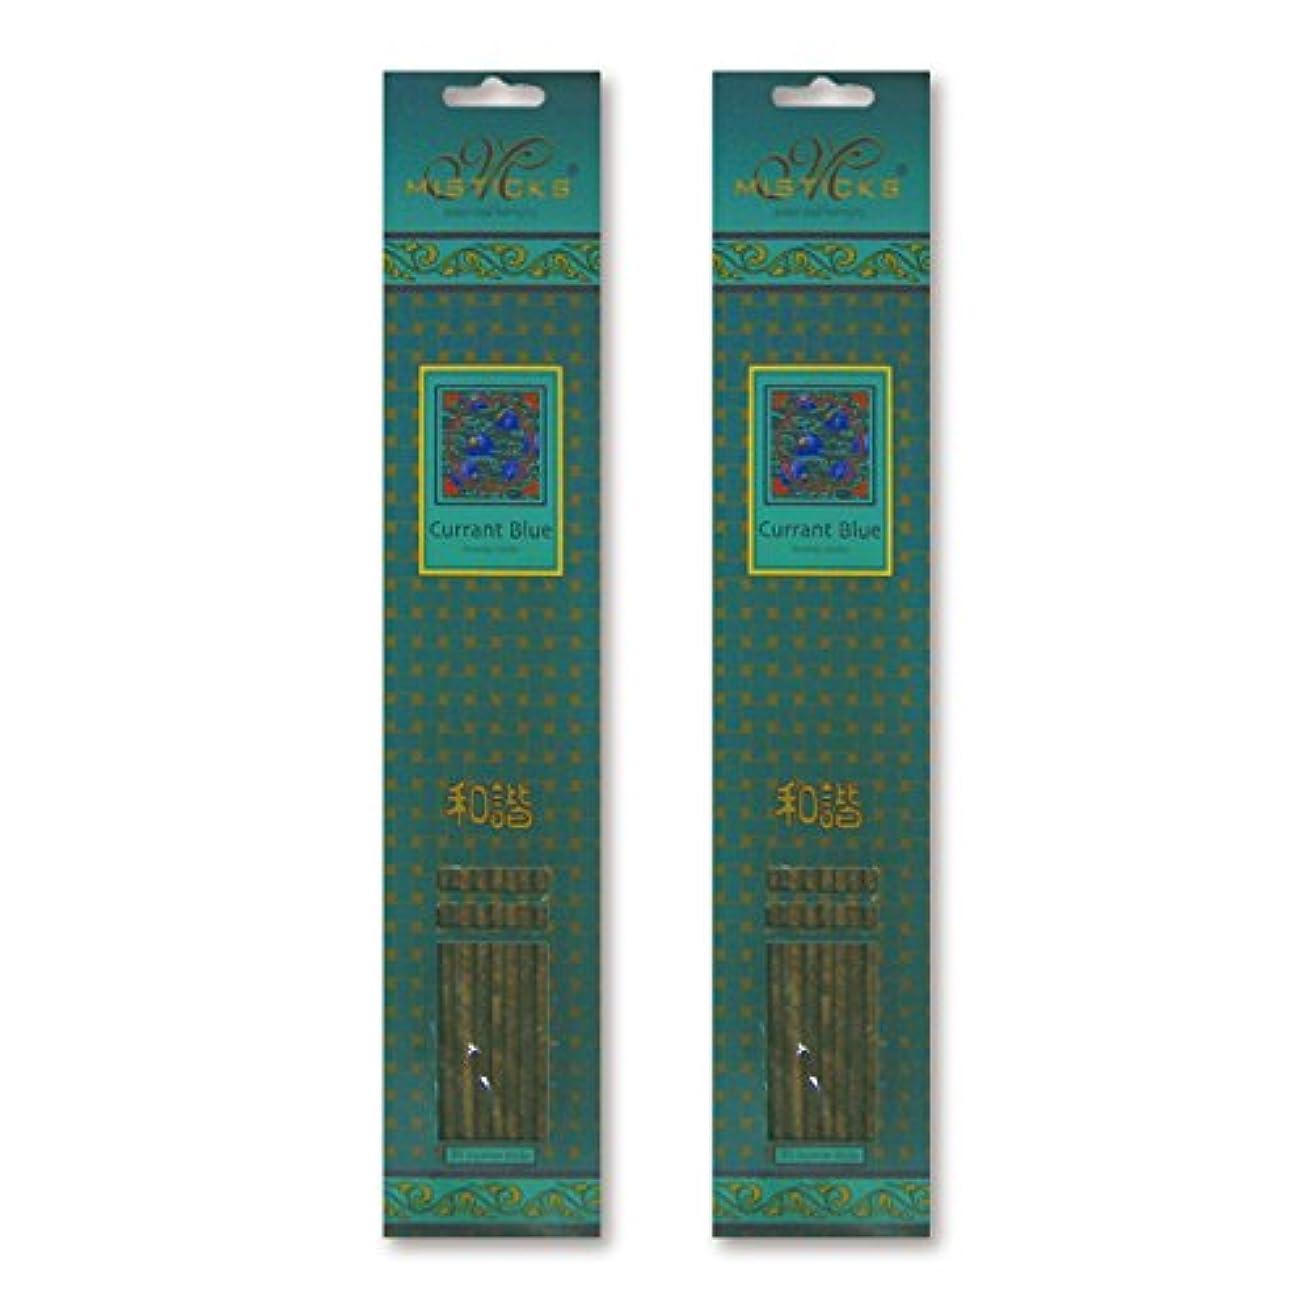 重要な運賃これまでMISTICKS ミスティックス Currant Blue カラントブルー お香 20本 X 2パック (40本)